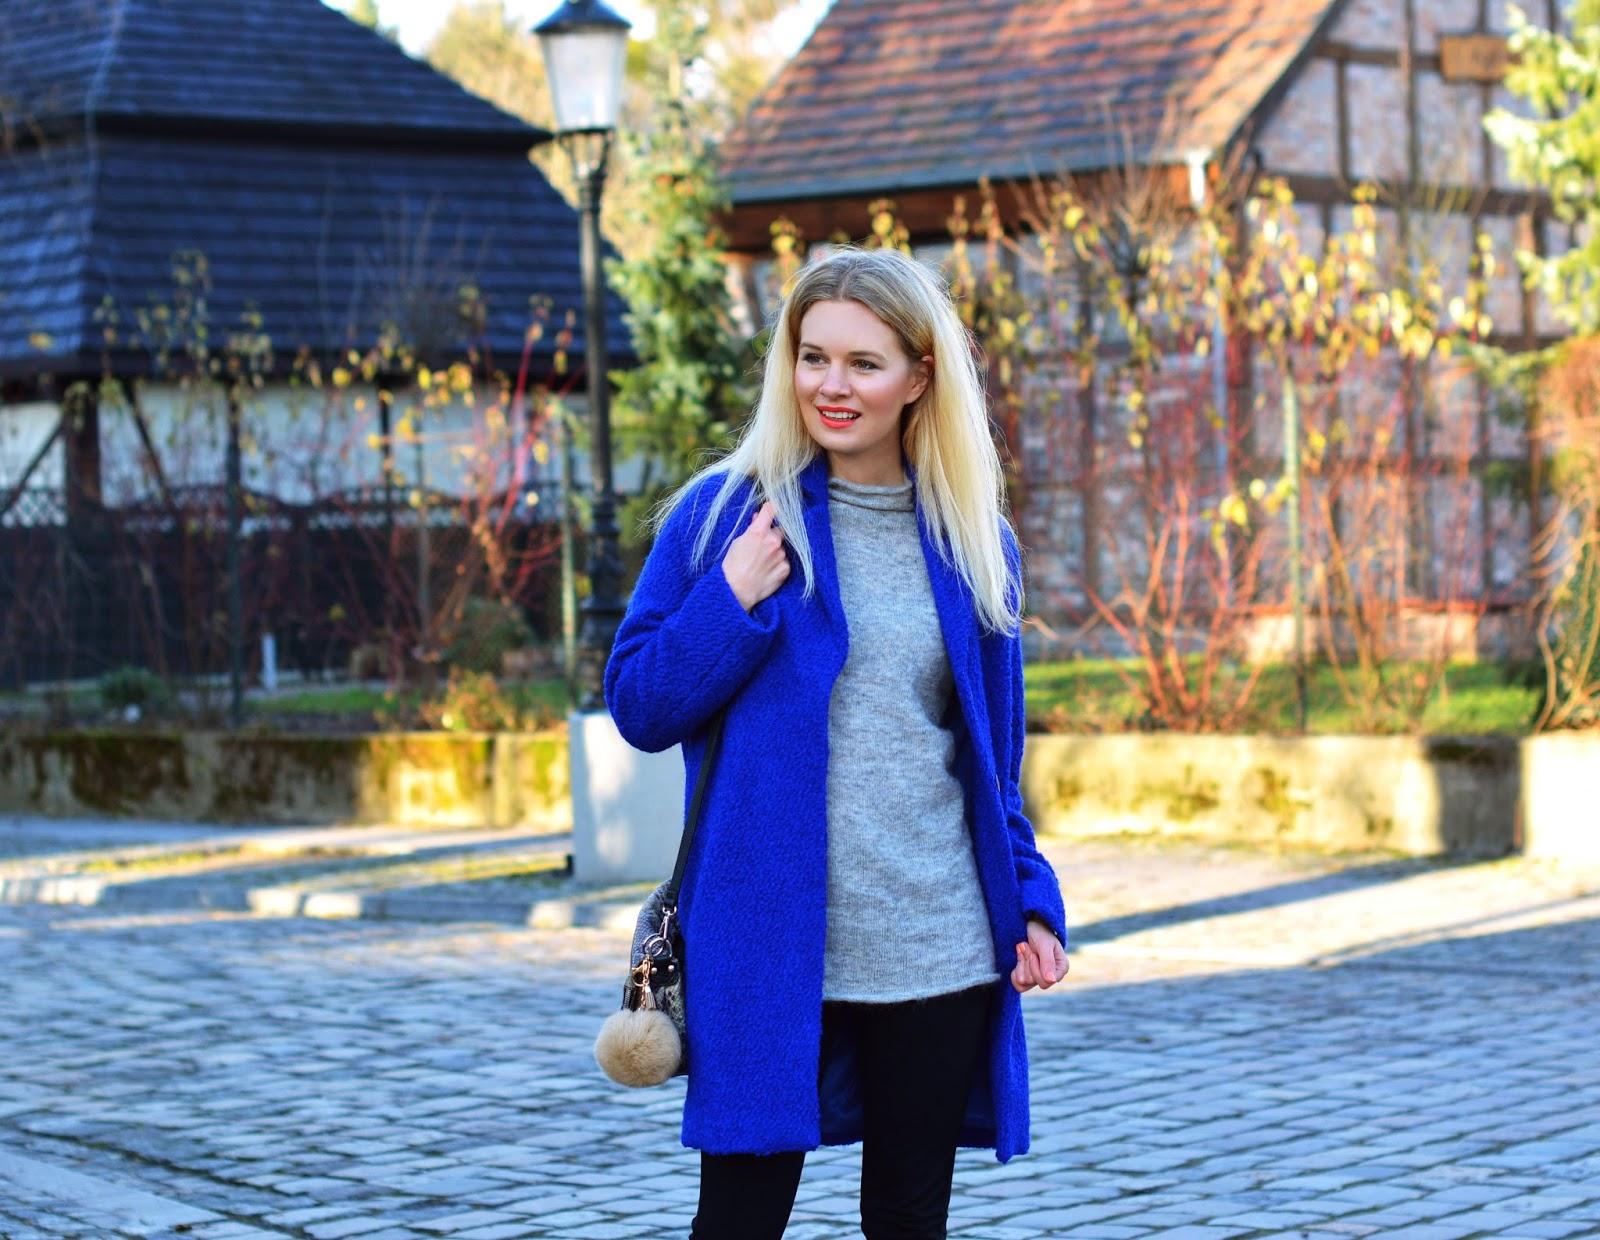 kobalt, kobaltowy, płaszczyk, blondynka, blog, blogerka, poznań